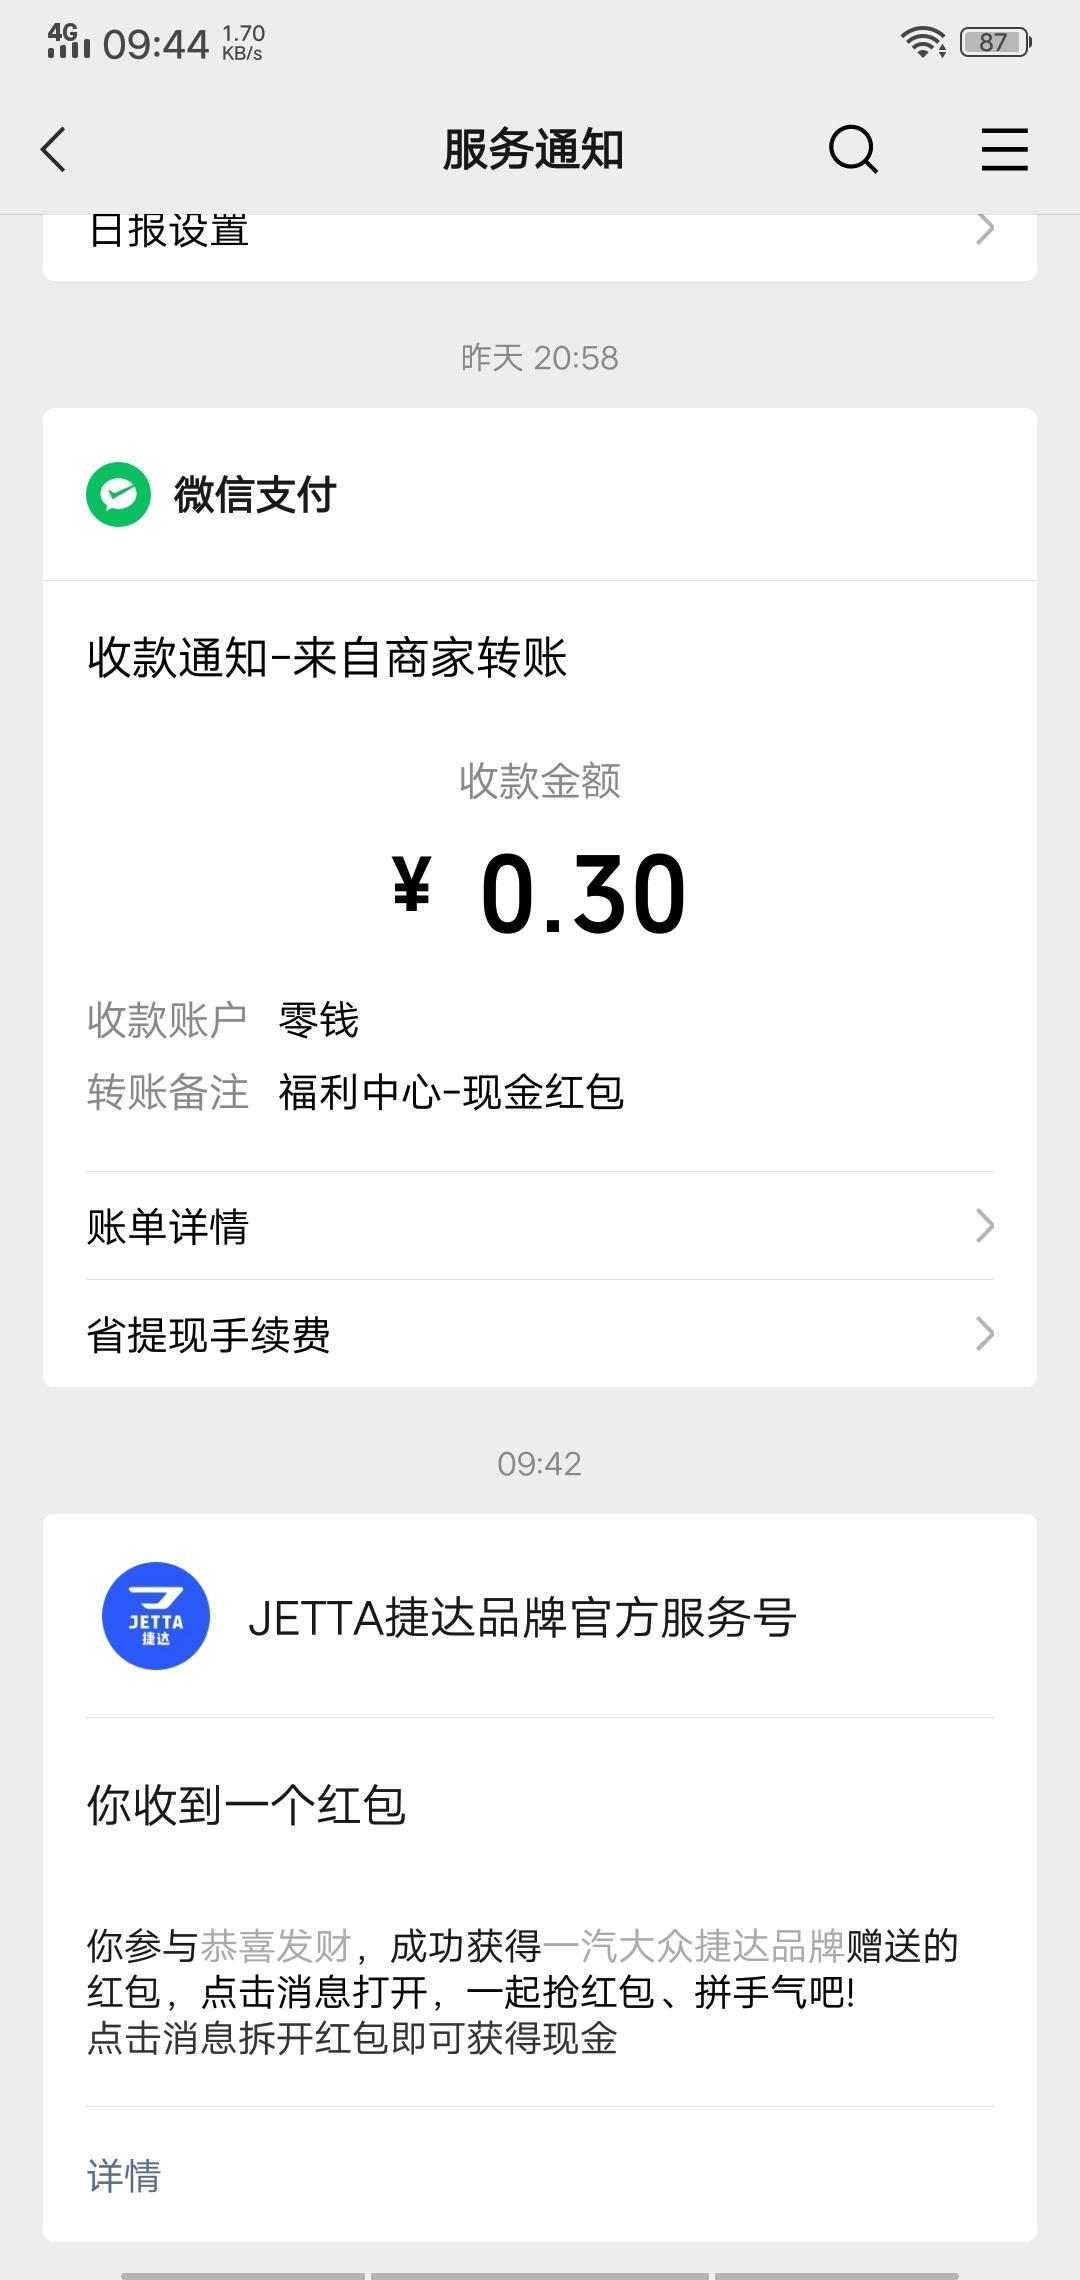 【红包】JETTA捷达品牌官方网微信服务号抽零钱插图4